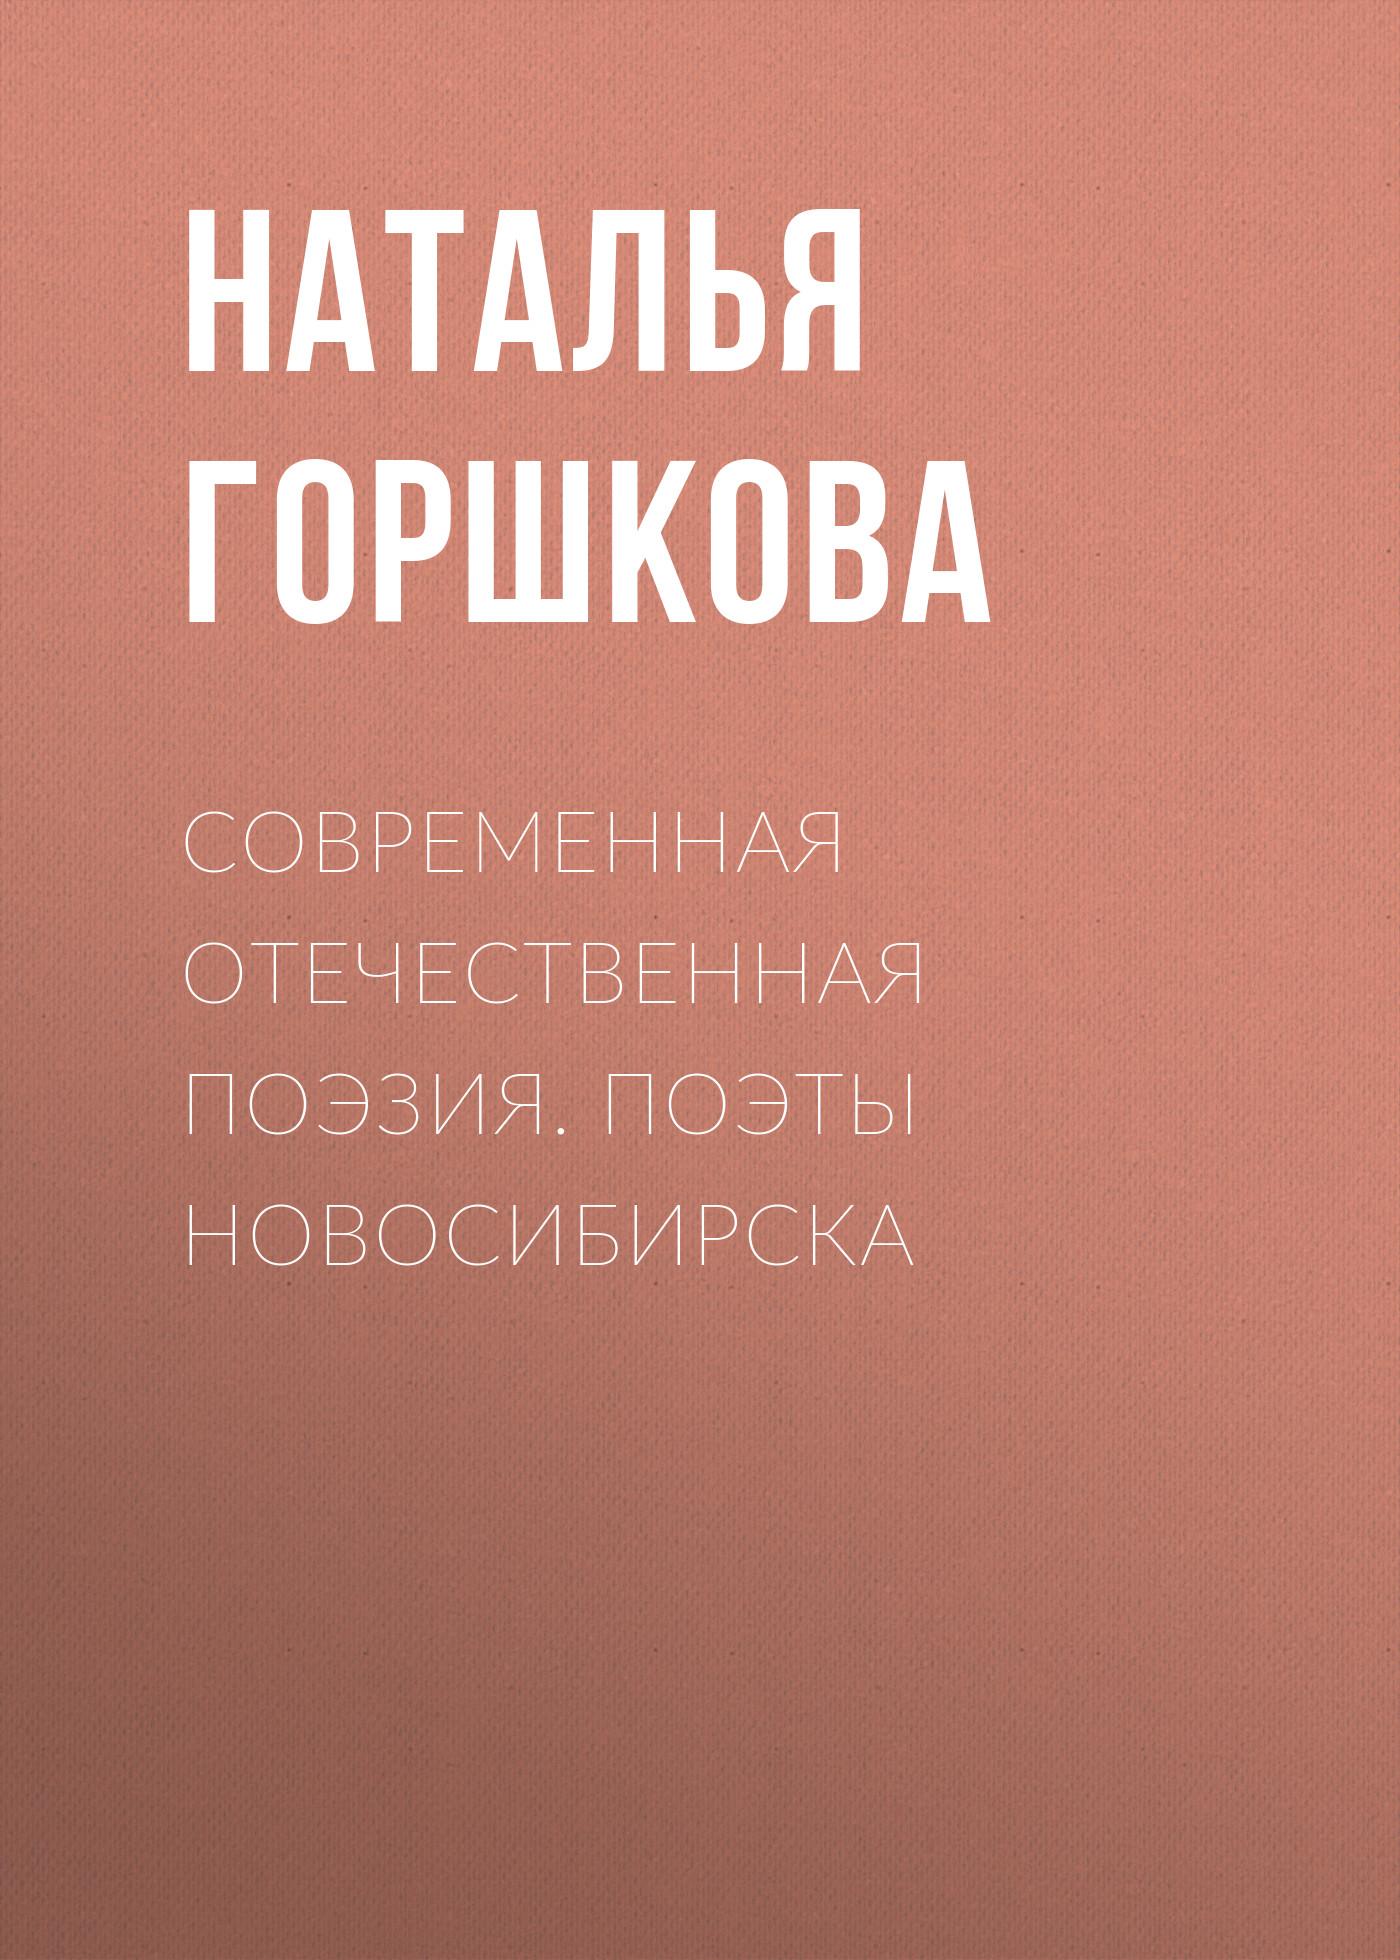 Н. Д. Горшкоа Соременная отечестенная поэзия. Поэты